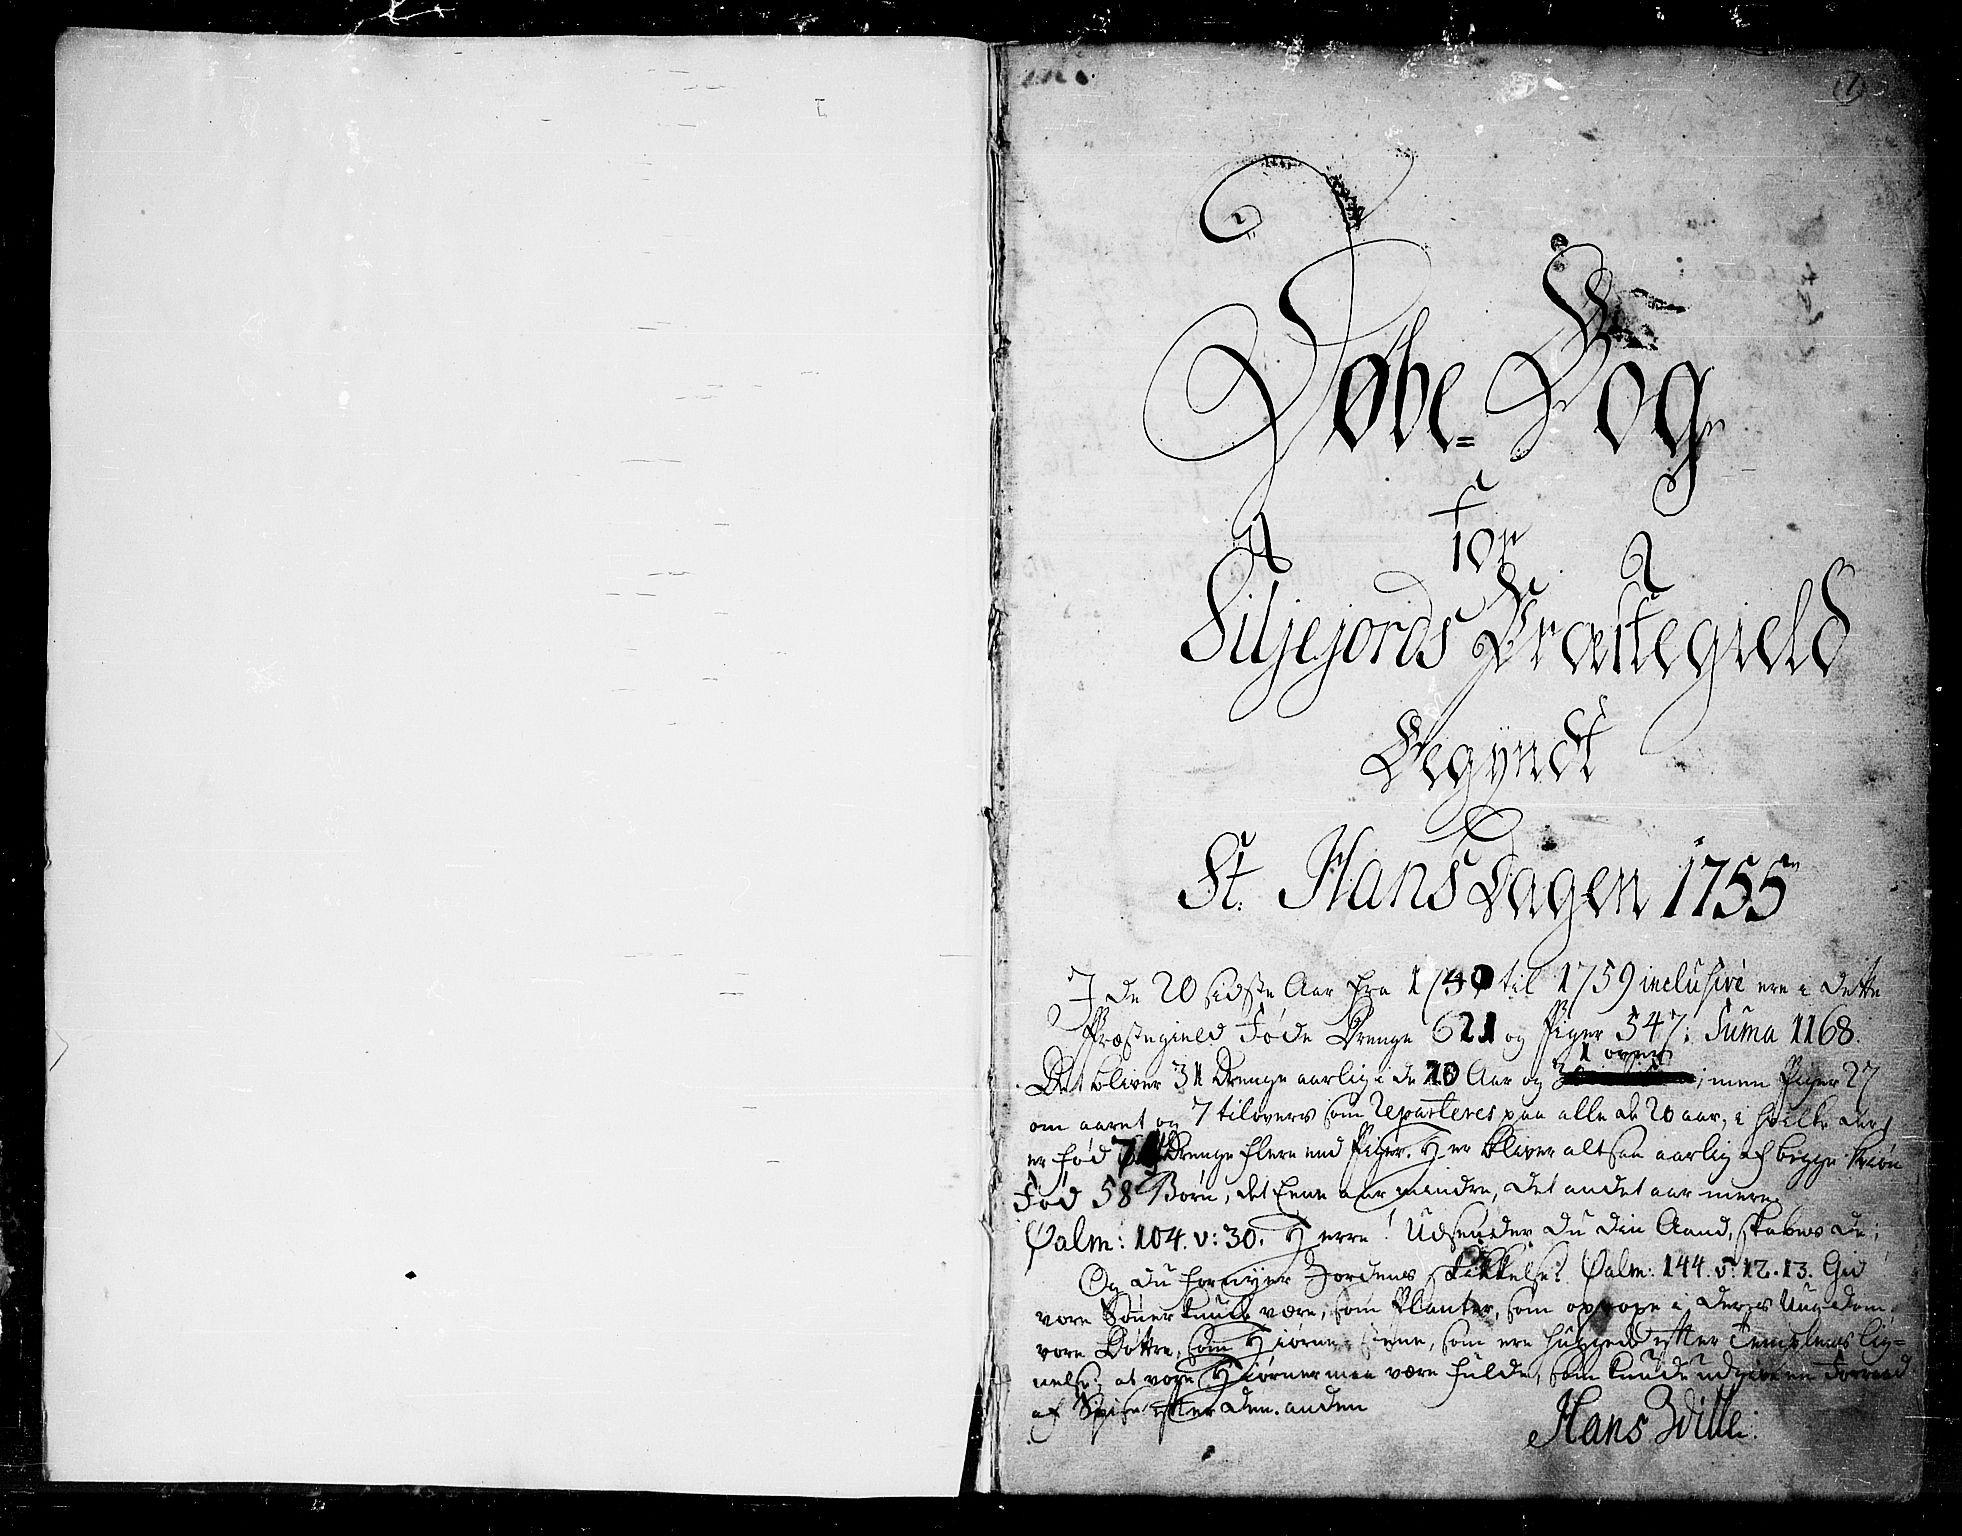 SAKO, Seljord kirkebøker, F/Fa/L0007: Ministerialbok nr. I 7, 1755-1800, s. 1